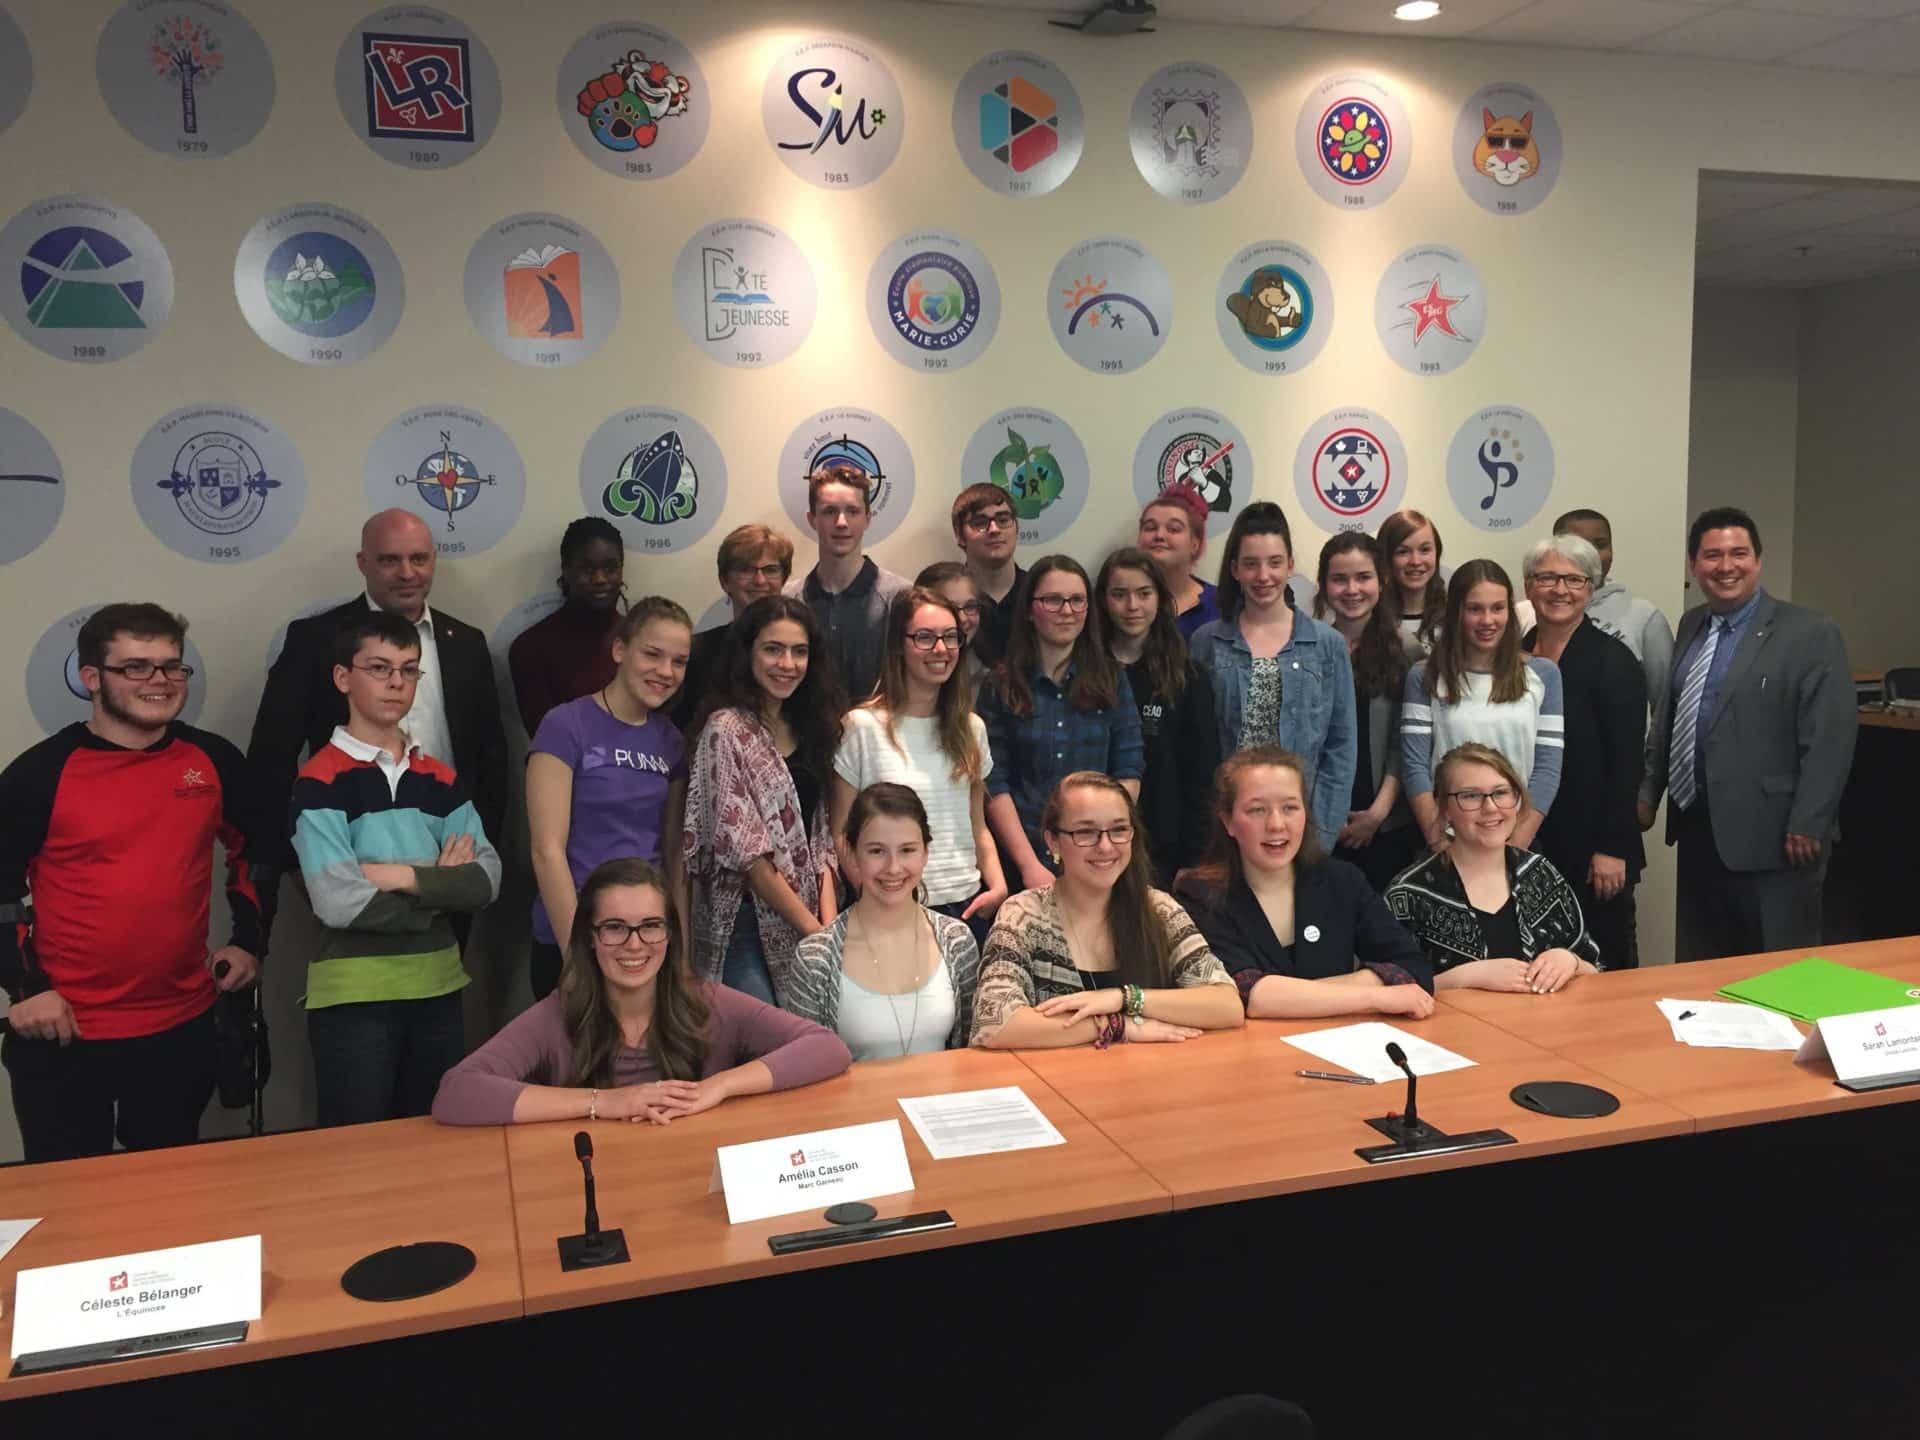 Sénat des élèves 2016-2017